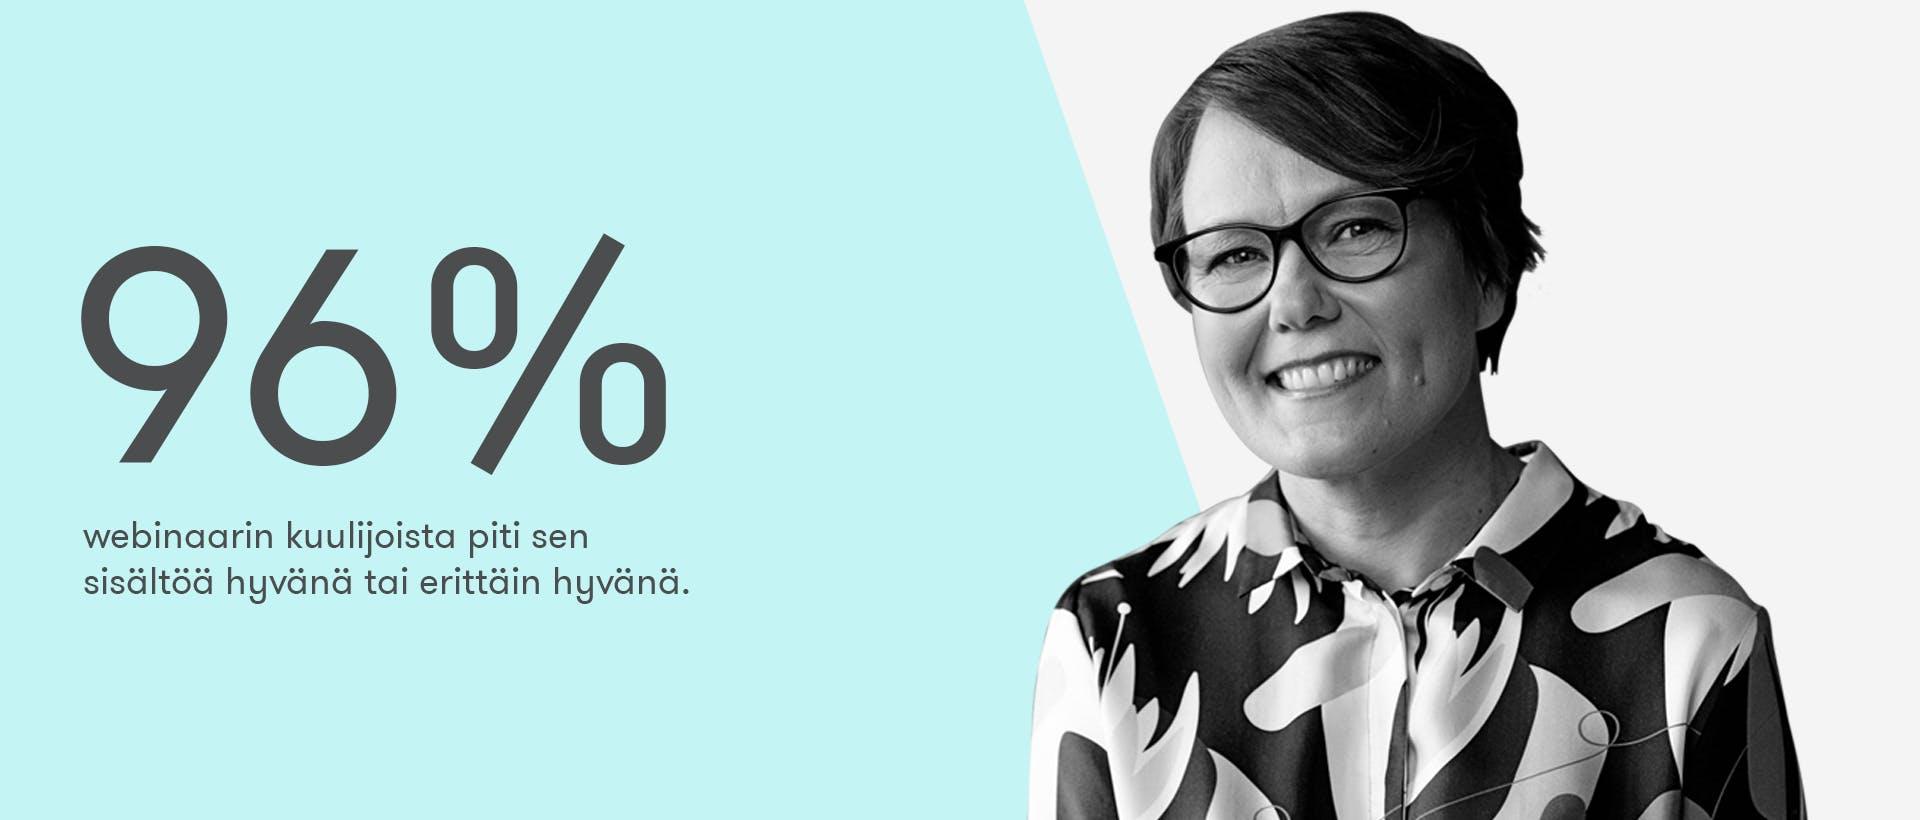 Vastuullisuusviestinnän perusteet -webinaarin kuulijoista 96% piti sitä hyvänä tai erittäin hyvänä